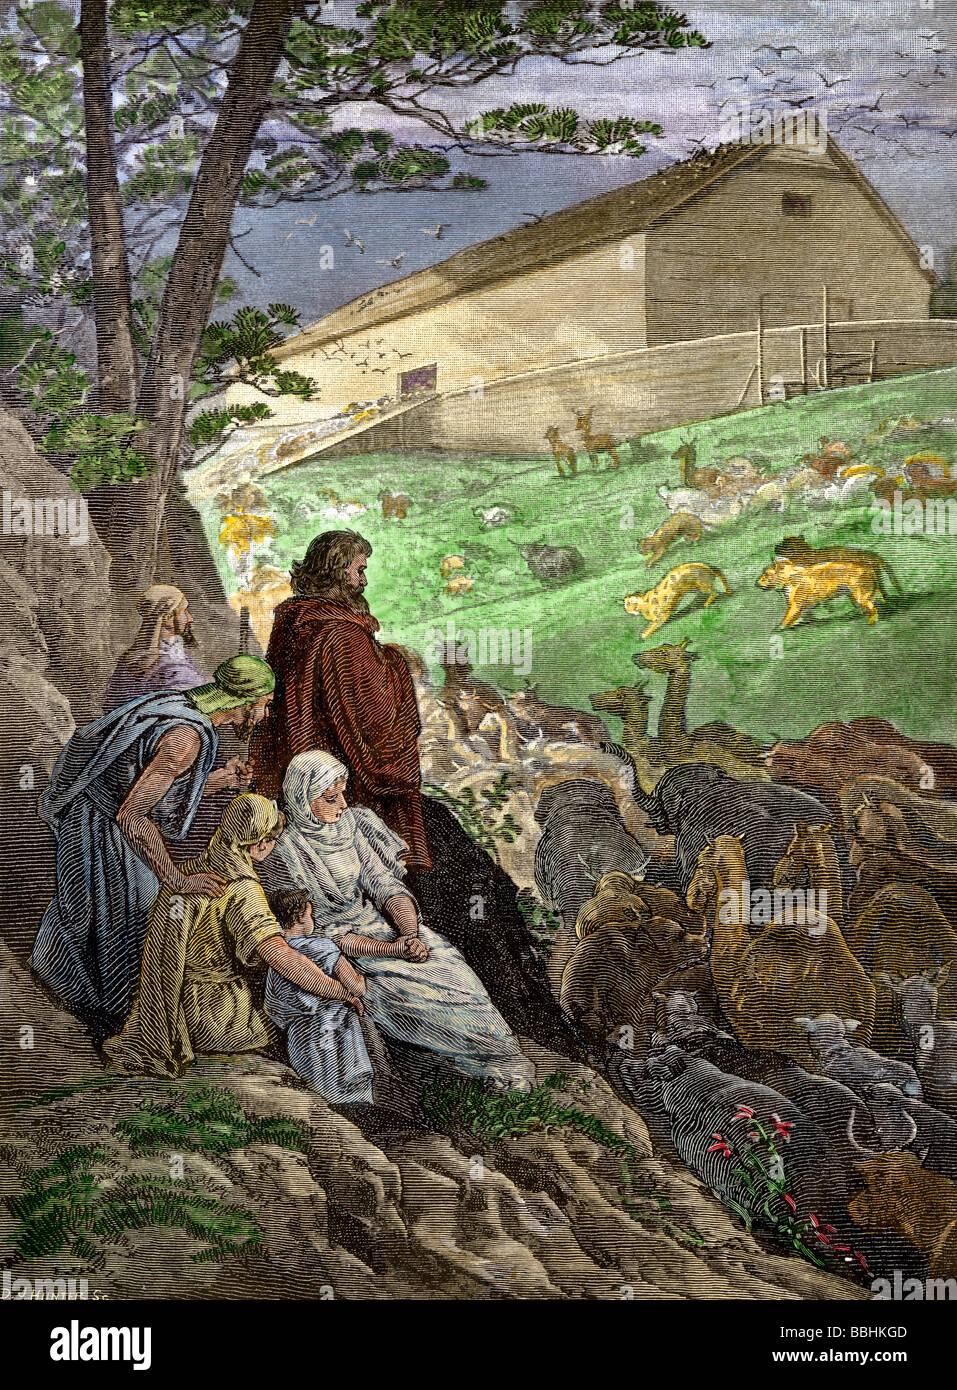 Animaux dans l'arche de Noé avant le déluge biblique. À la main, gravure sur bois Banque D'Images